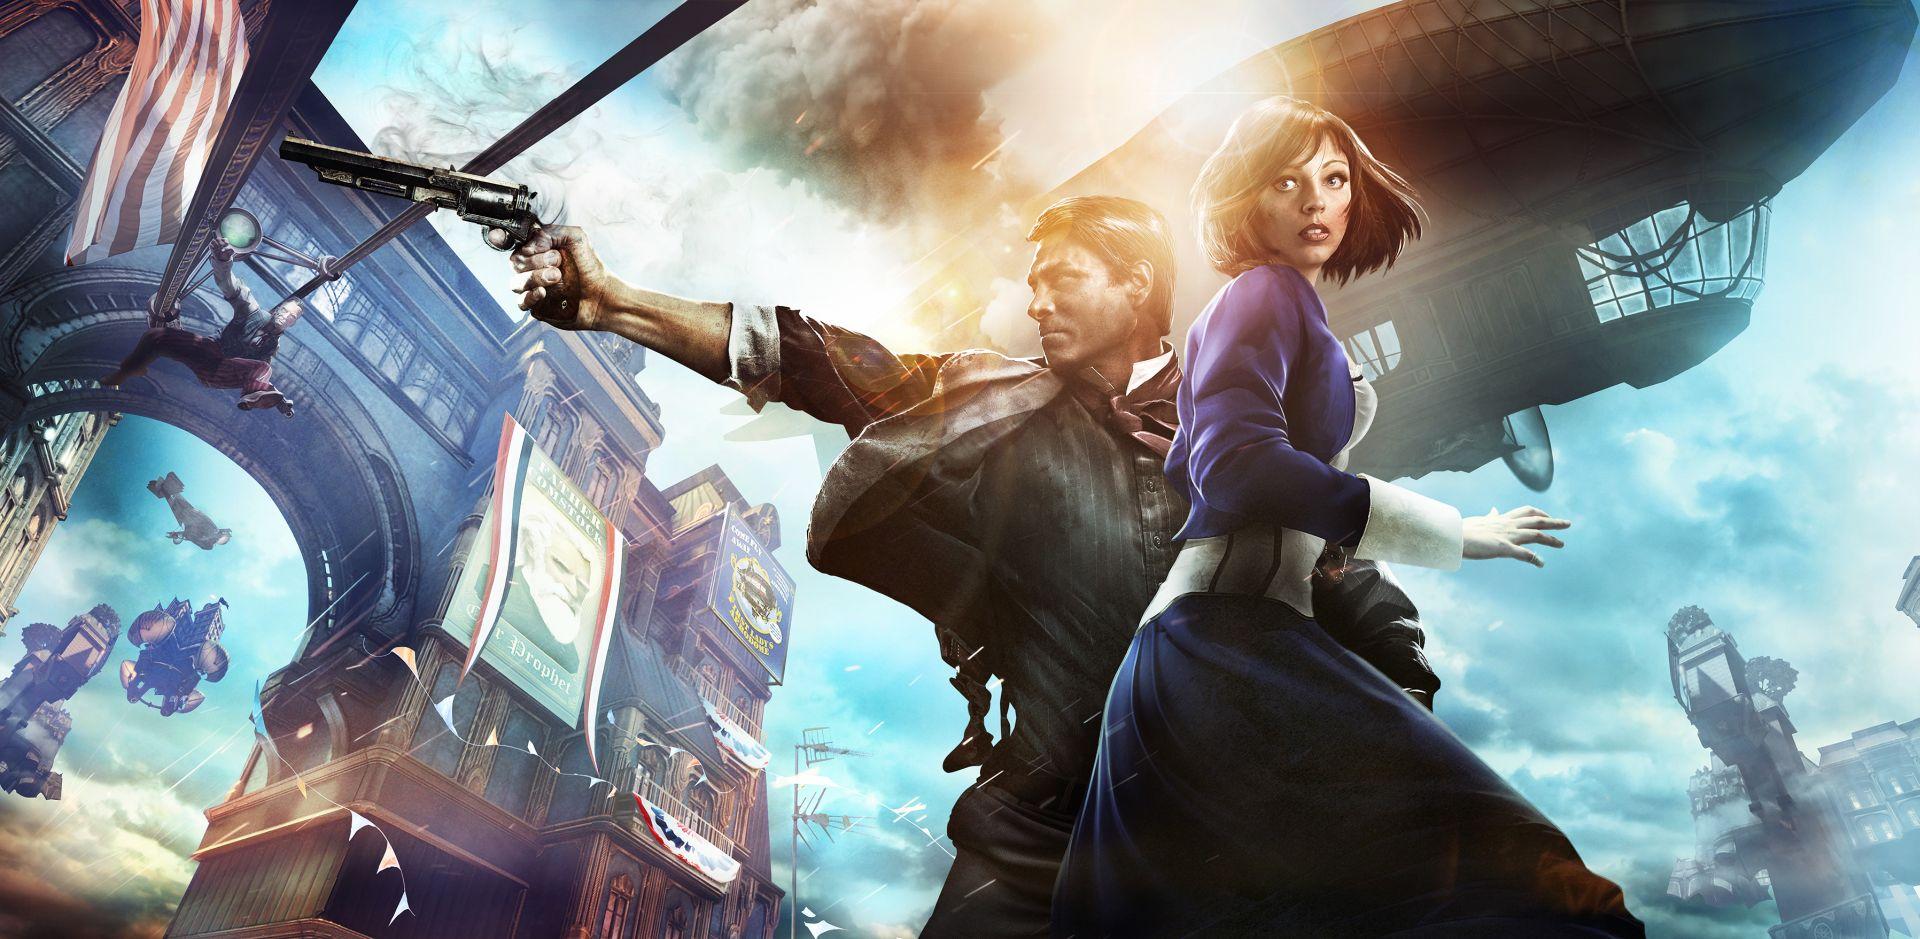 BioShock Infinite - Plovoucí město plné fantazie a korupce! 72867